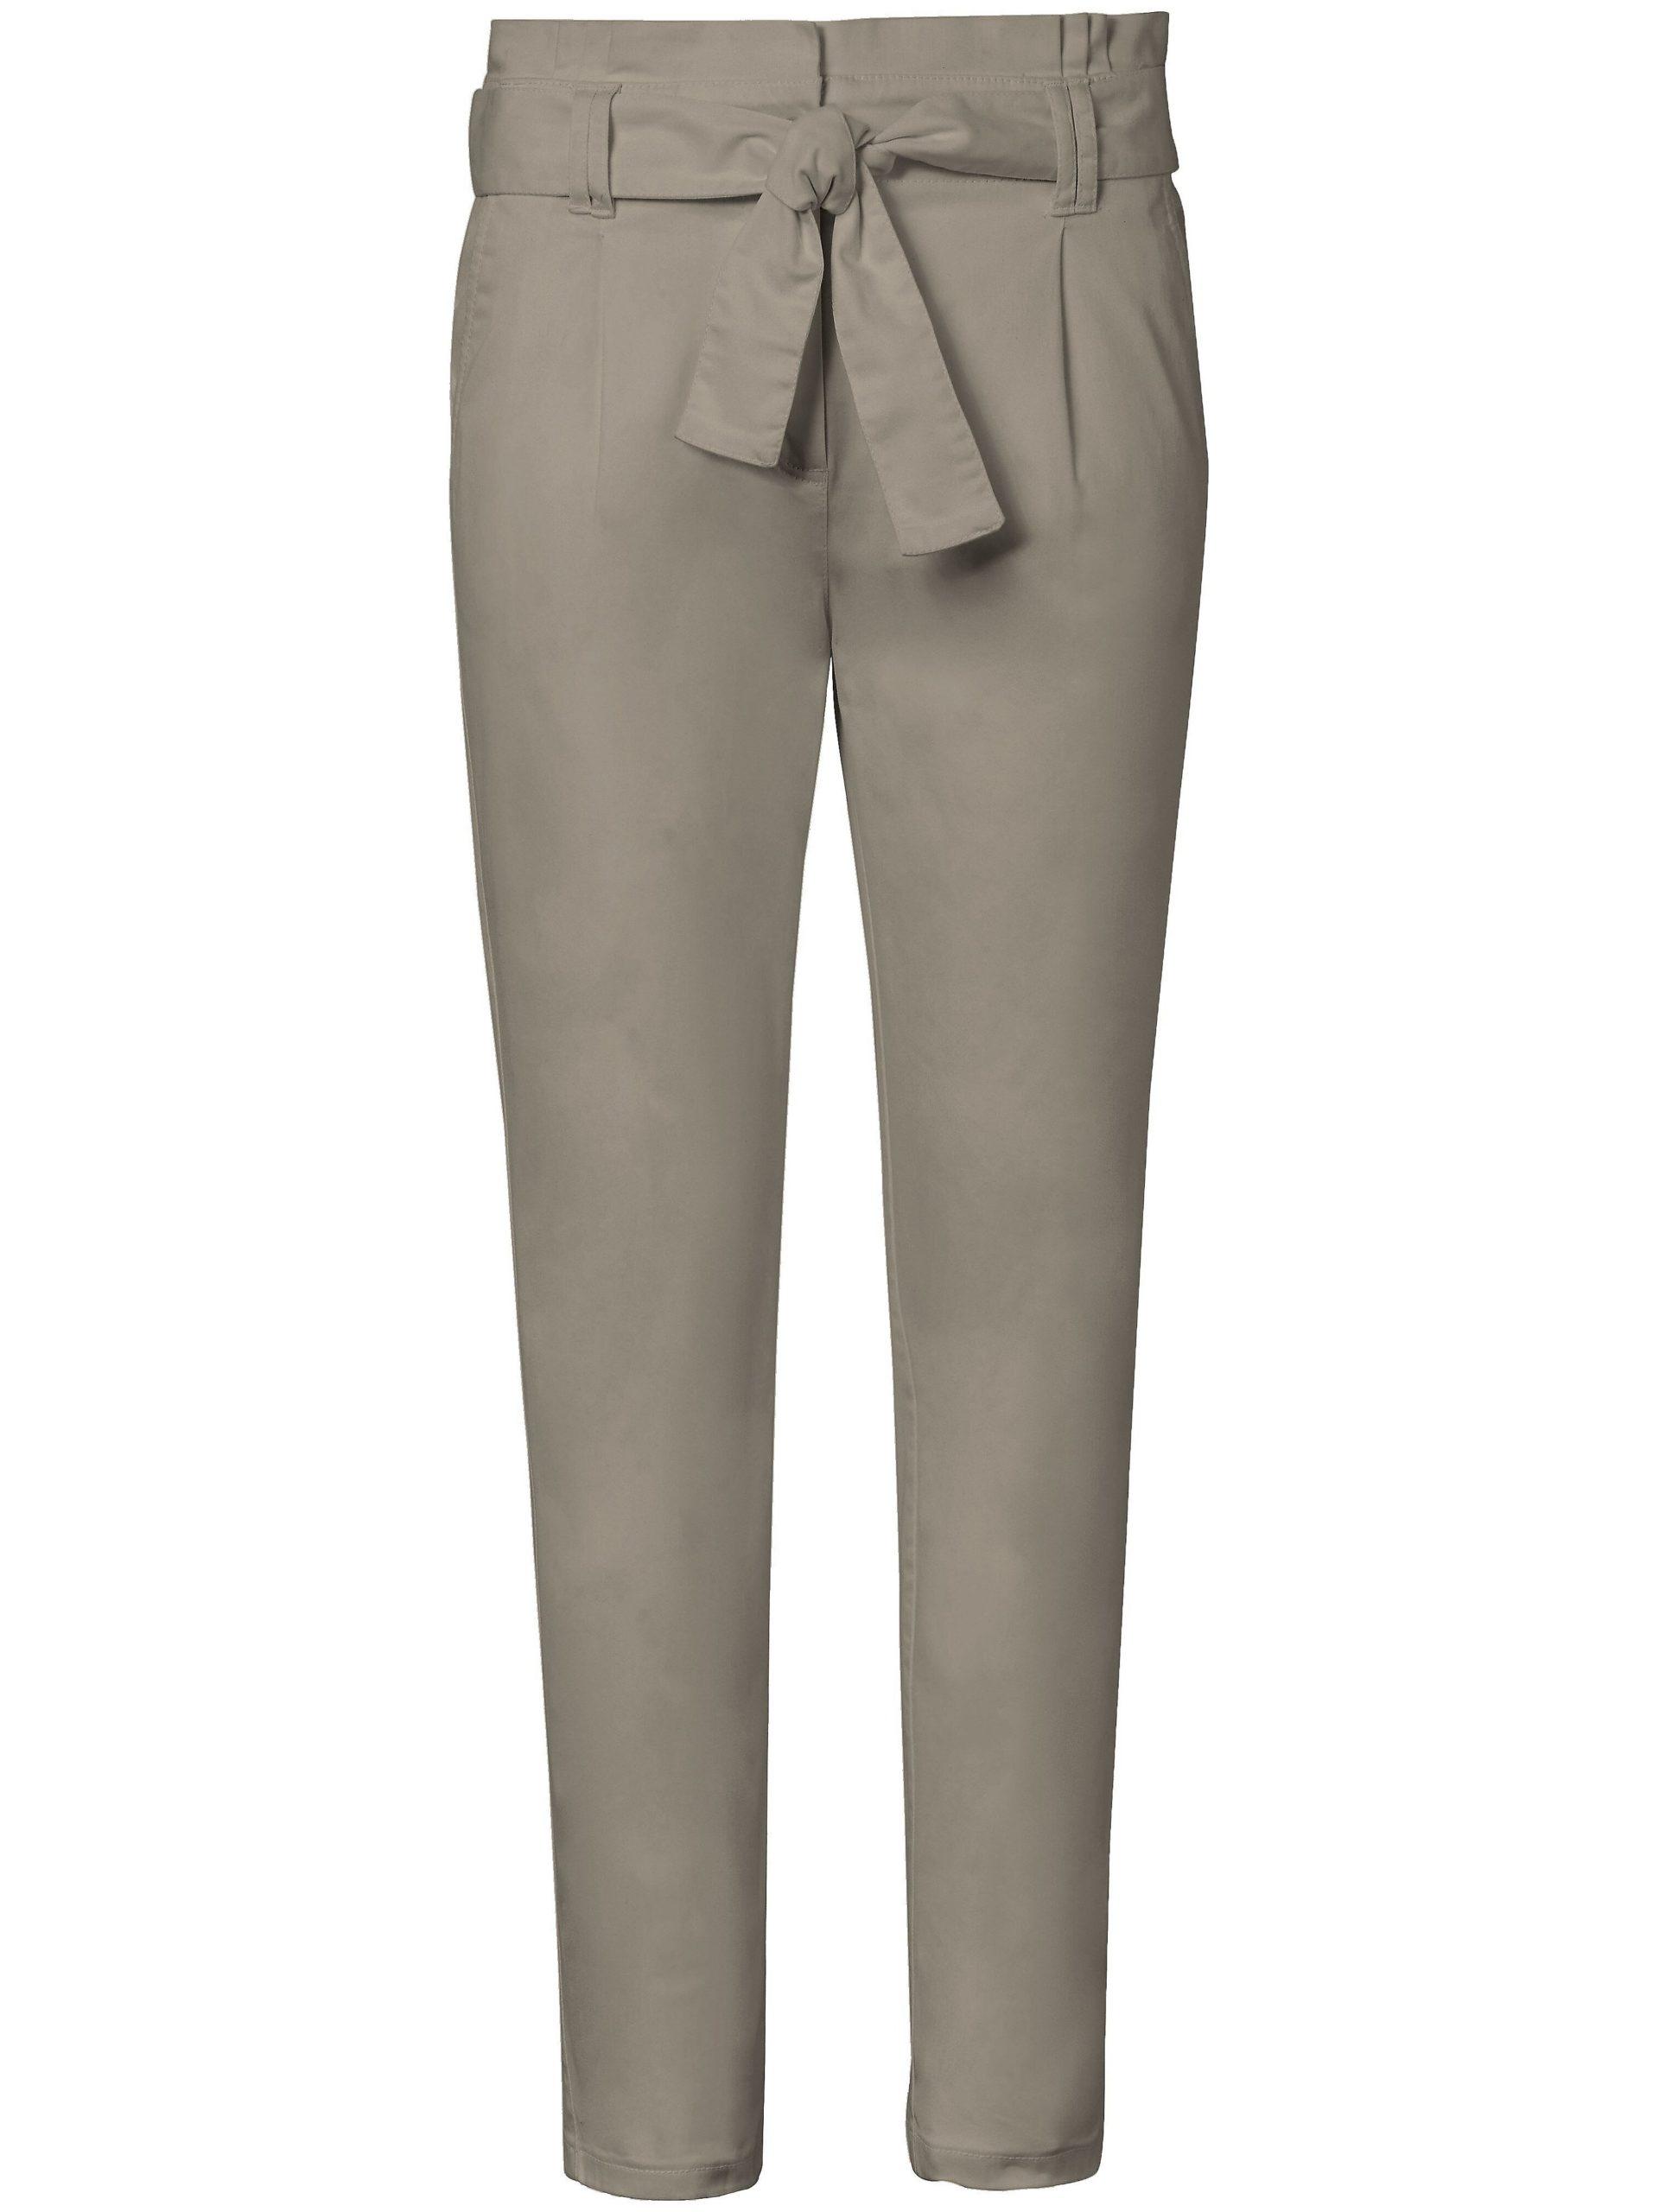 Enkellange broek pasvorm Barbara Van MYBC groen Kopen